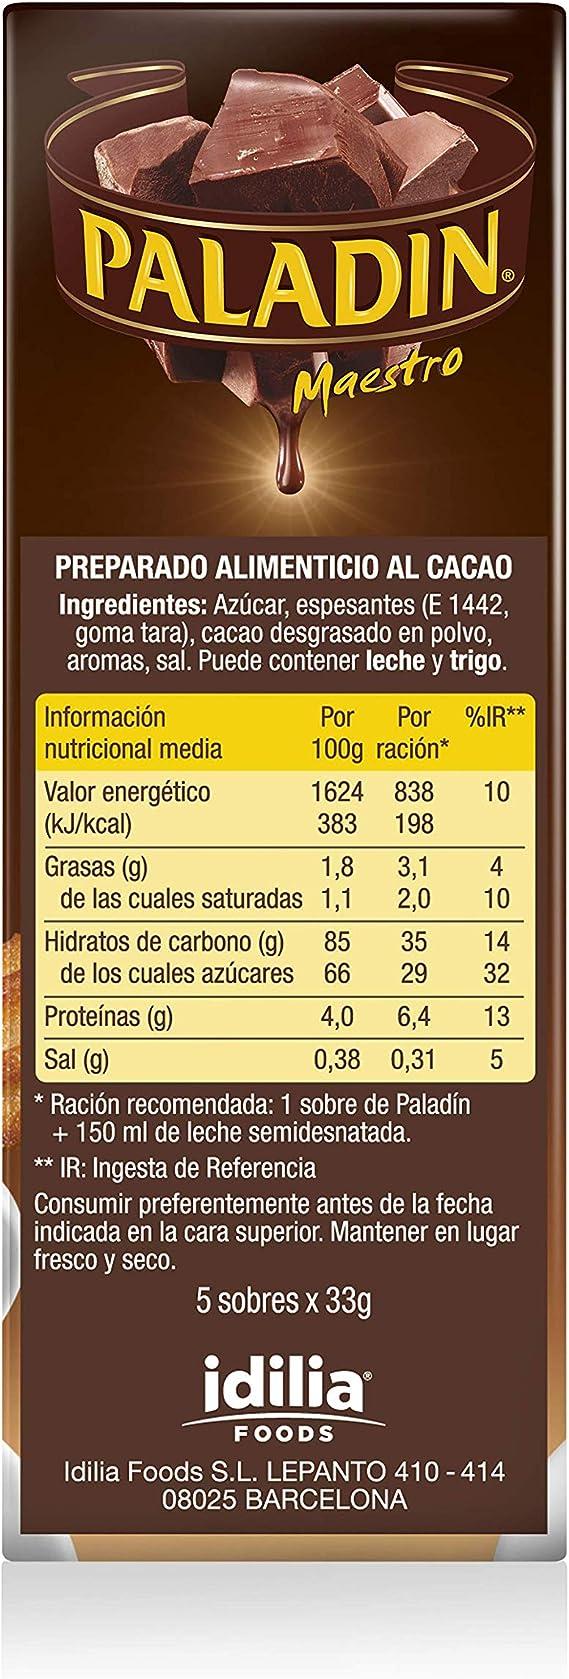 Paladin Original: Experiencia a la taza - 340g: Amazon.es: Alimentación y bebidas